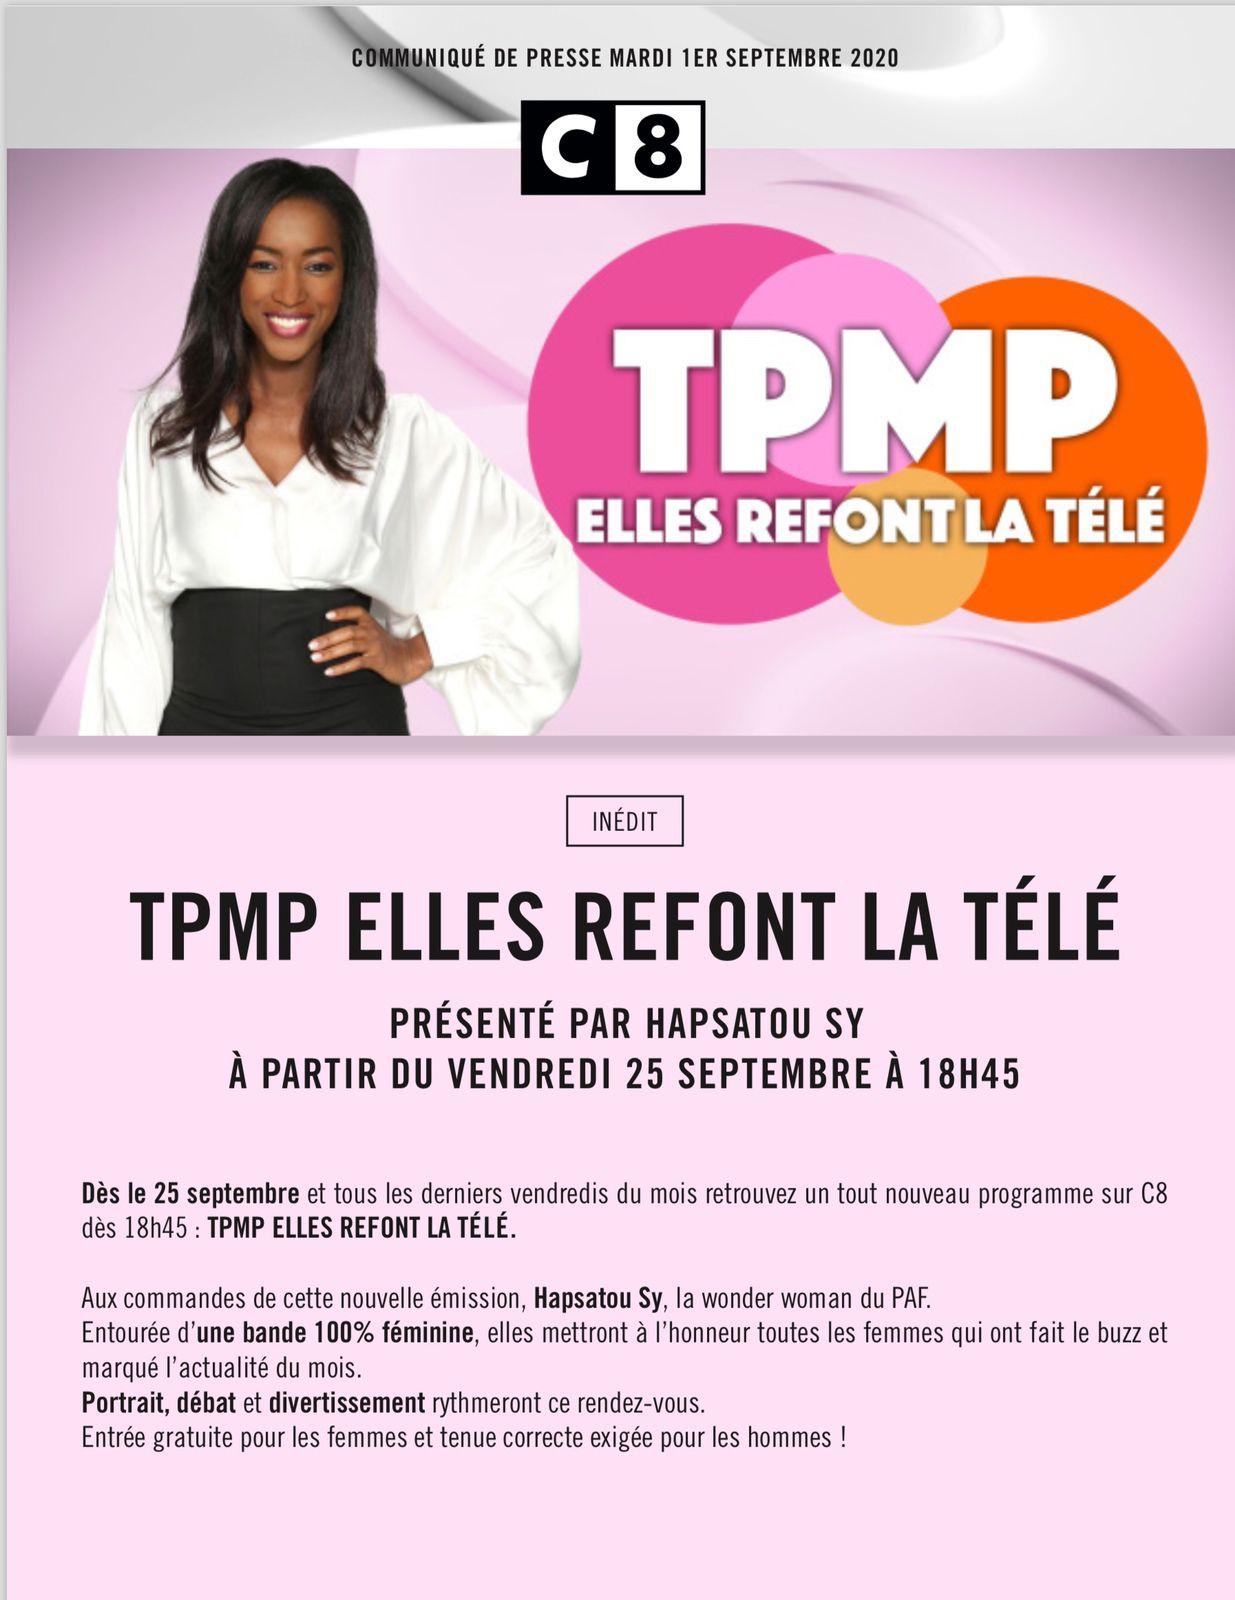 Un TPMP 100% féminin animé par Hapsatou Sy dès le vendredi 25 septembre à 18h45 sur C8.